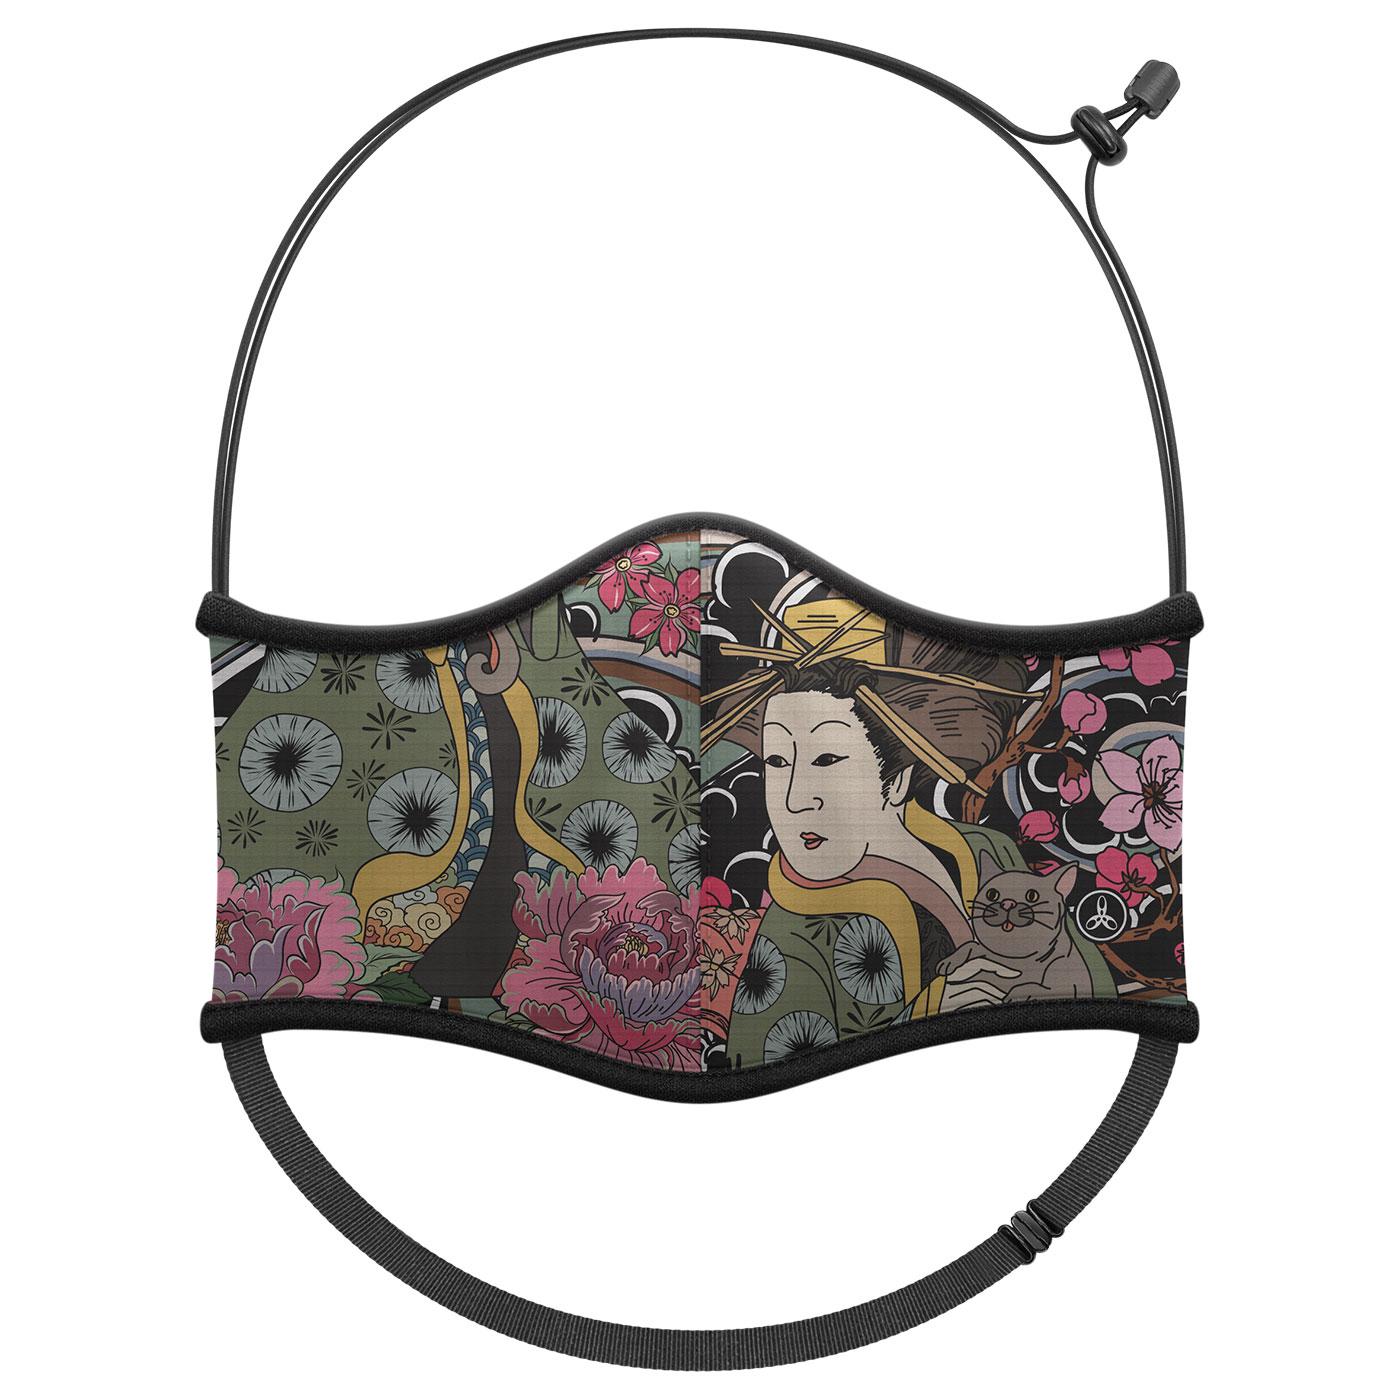 《預購》HODARLA 運動舒適口罩6032243 - 黑黃綠粉